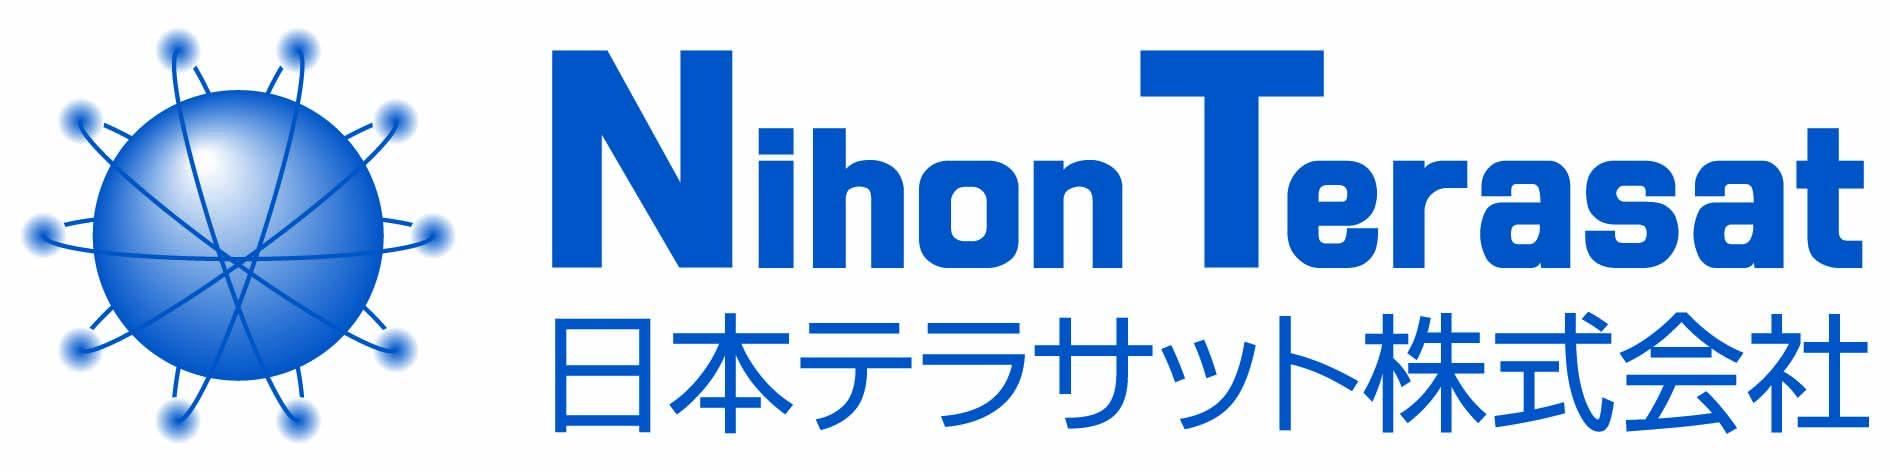 日本テラサット株式会社